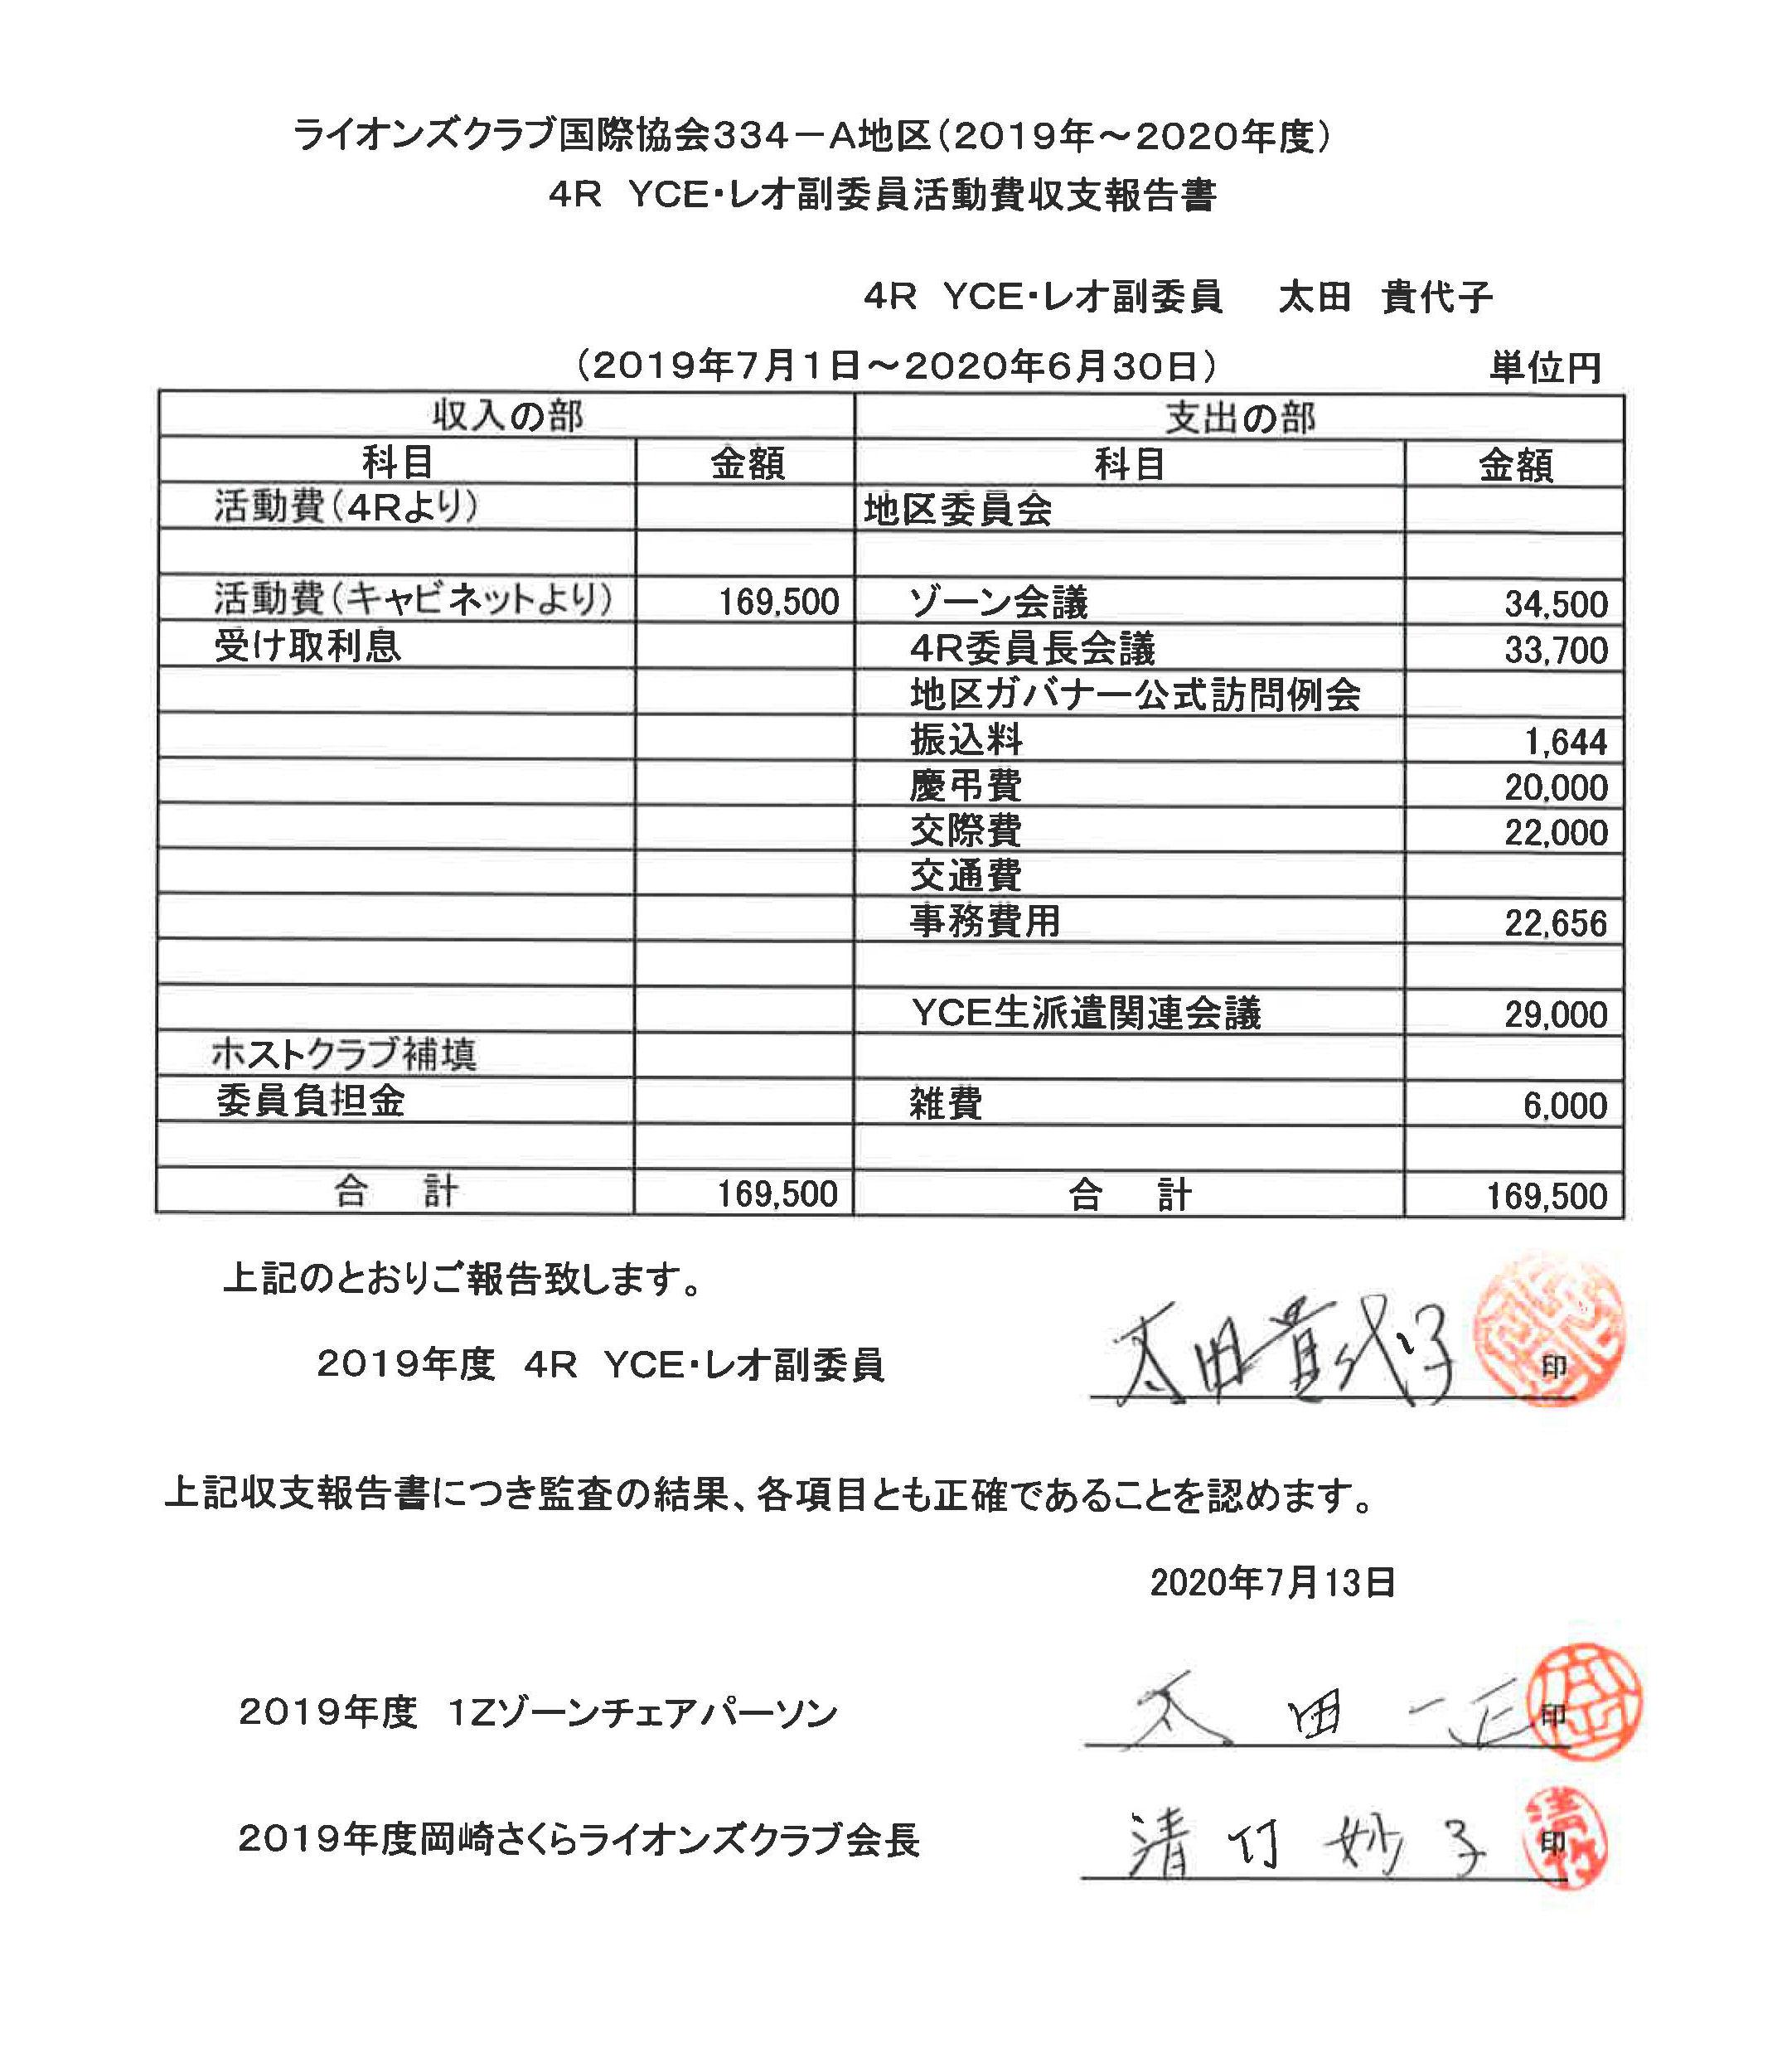 33 4R YCE・レオ副委員活動費収支報告書